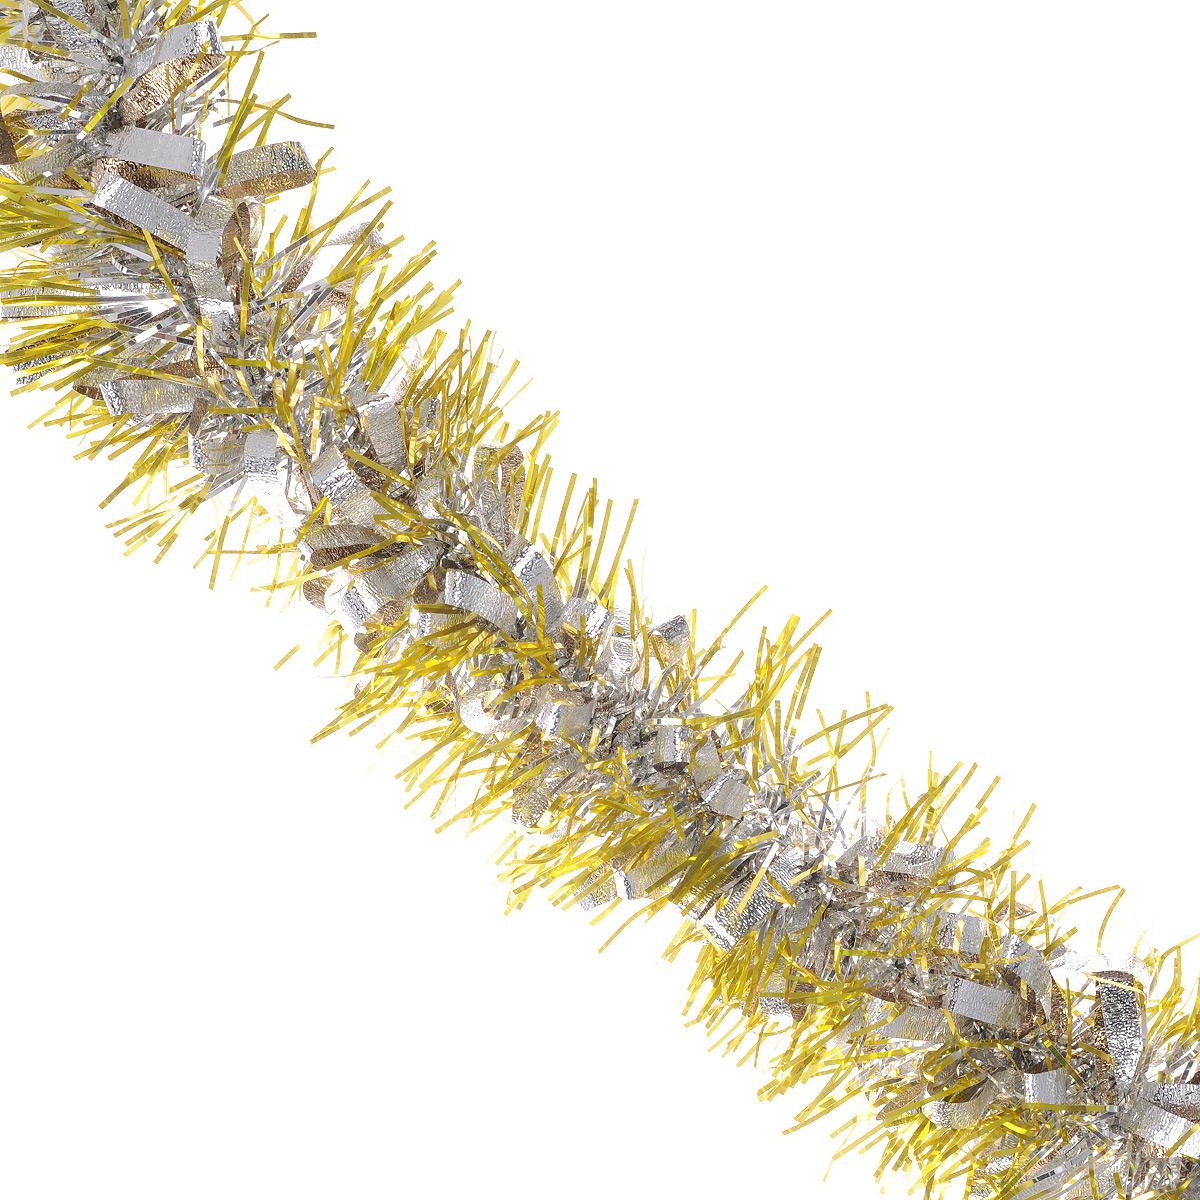 Мишура новогодняя Sima-land, цвет: золотистый, серебристый, диаметр 9 см, длина 2 м. 452424452424Мишура новогодняя Sima-land, выполненная из двухцветной фольги, поможет вам украсить свой дом к предстоящим праздникам. Мишура армирована, то есть имеет проволоку внутри и способна сохранять приданную ей форму. Новогодняя елка с таким украшением станет еще наряднее. Новогодней мишурой можно украсить все, что угодно - елку, квартиру, дачу, офис - как внутри, так и снаружи. Можно сложить новогодние поздравления, буквы и цифры, мишурой можно украсить и дополнить гирлянды, можно выделить дверные колонны, оплести дверные проемы. Коллекция декоративных украшений из серии Зимнее волшебство принесет в ваш дом ни с чем несравнимое ощущение праздника! Создайте в своем доме атмосферу тепла, веселья и радости, украшая его всей семьей.